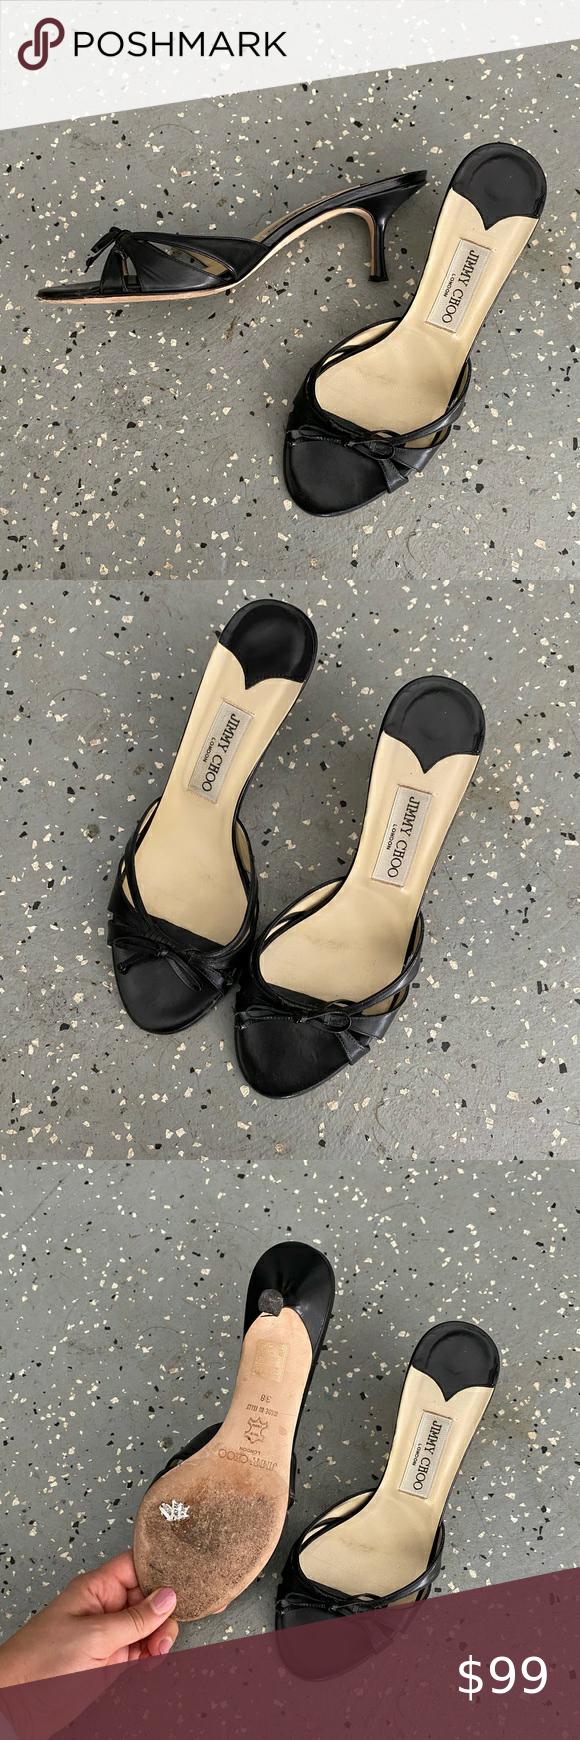 Jimmy Choo Kitten Heel Sandals Jimmy Choo Black Kitten Heel Sandals So Chic And Simple Jimmy Choo Shoes In 2020 Kitten Heel Sandals Black Kitten Heels Sandals Heels